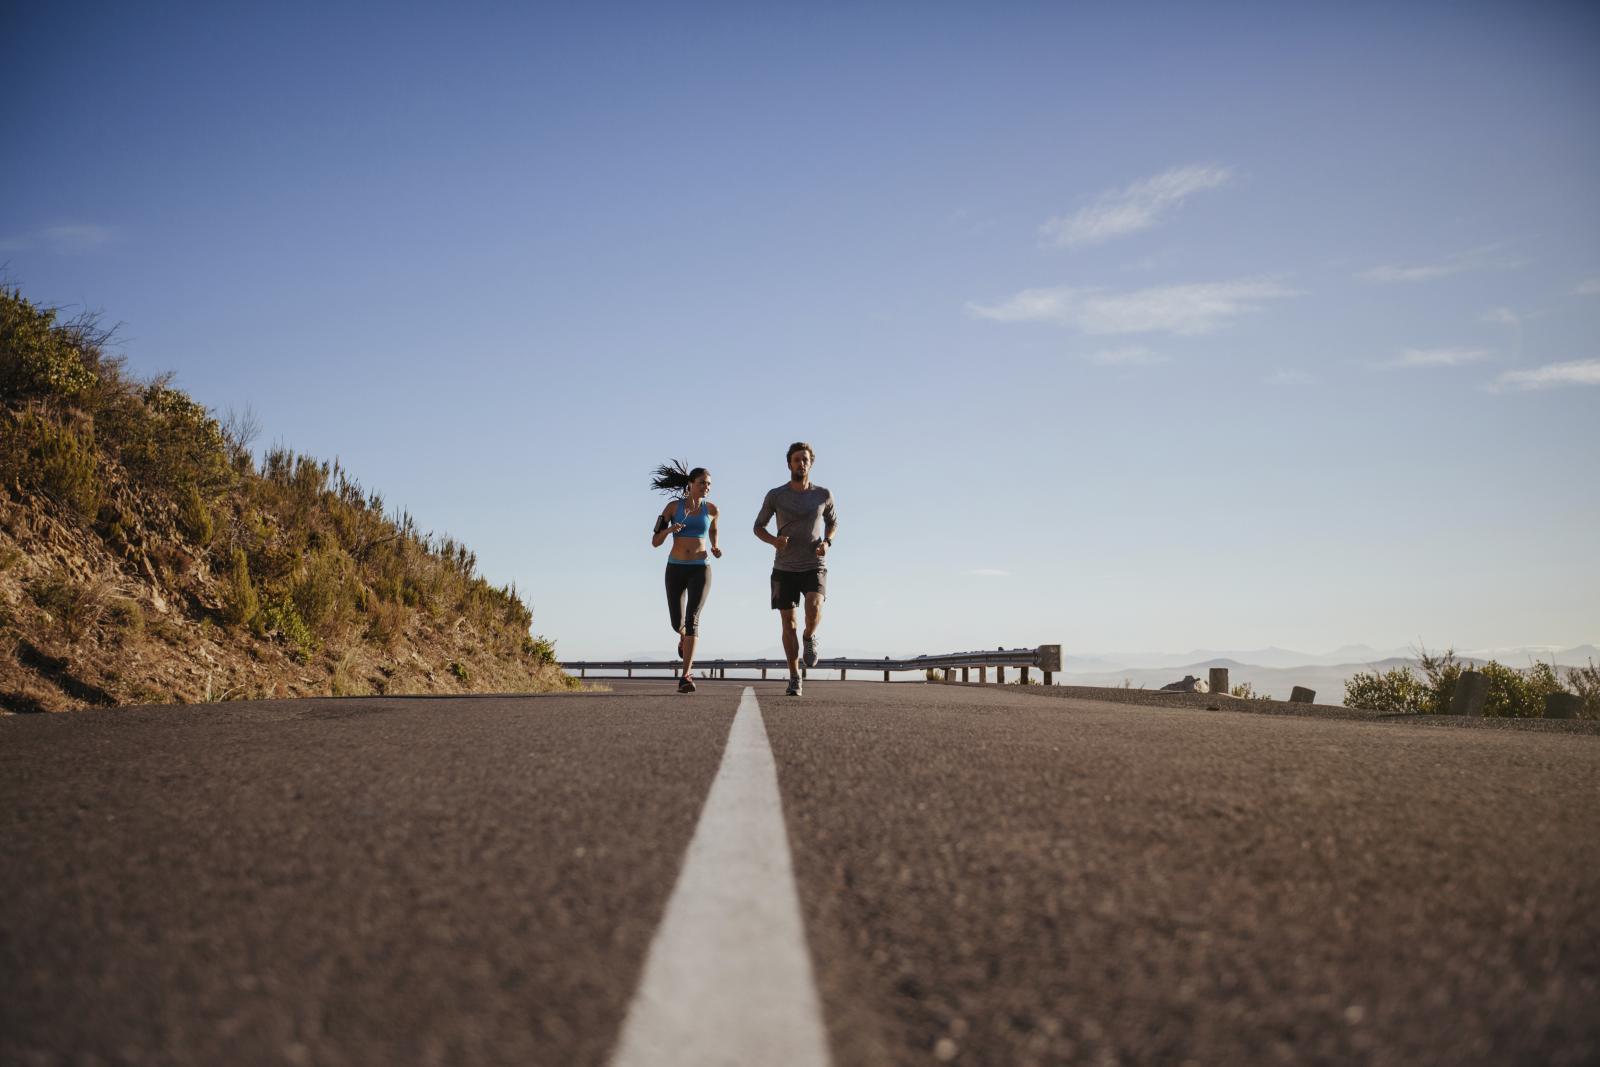 Odgovornim ponašanjem prema svome tijelu ipak možemo spriječiti ozljede.